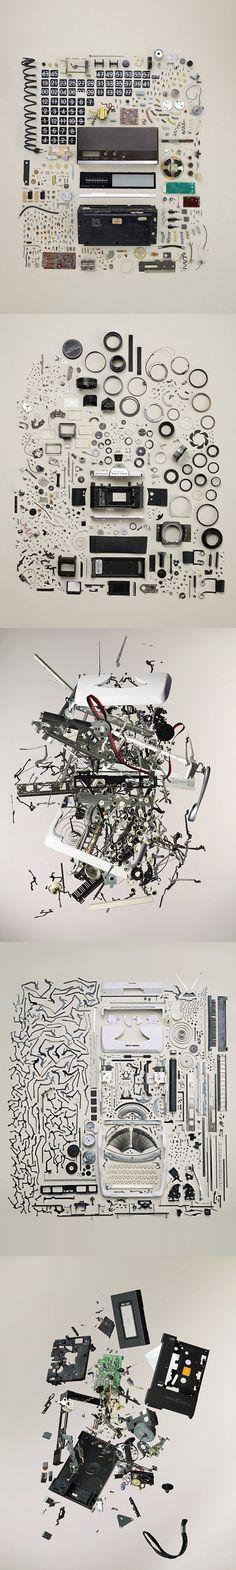 deconstruction of objects / quite unique.  #deconstructivist